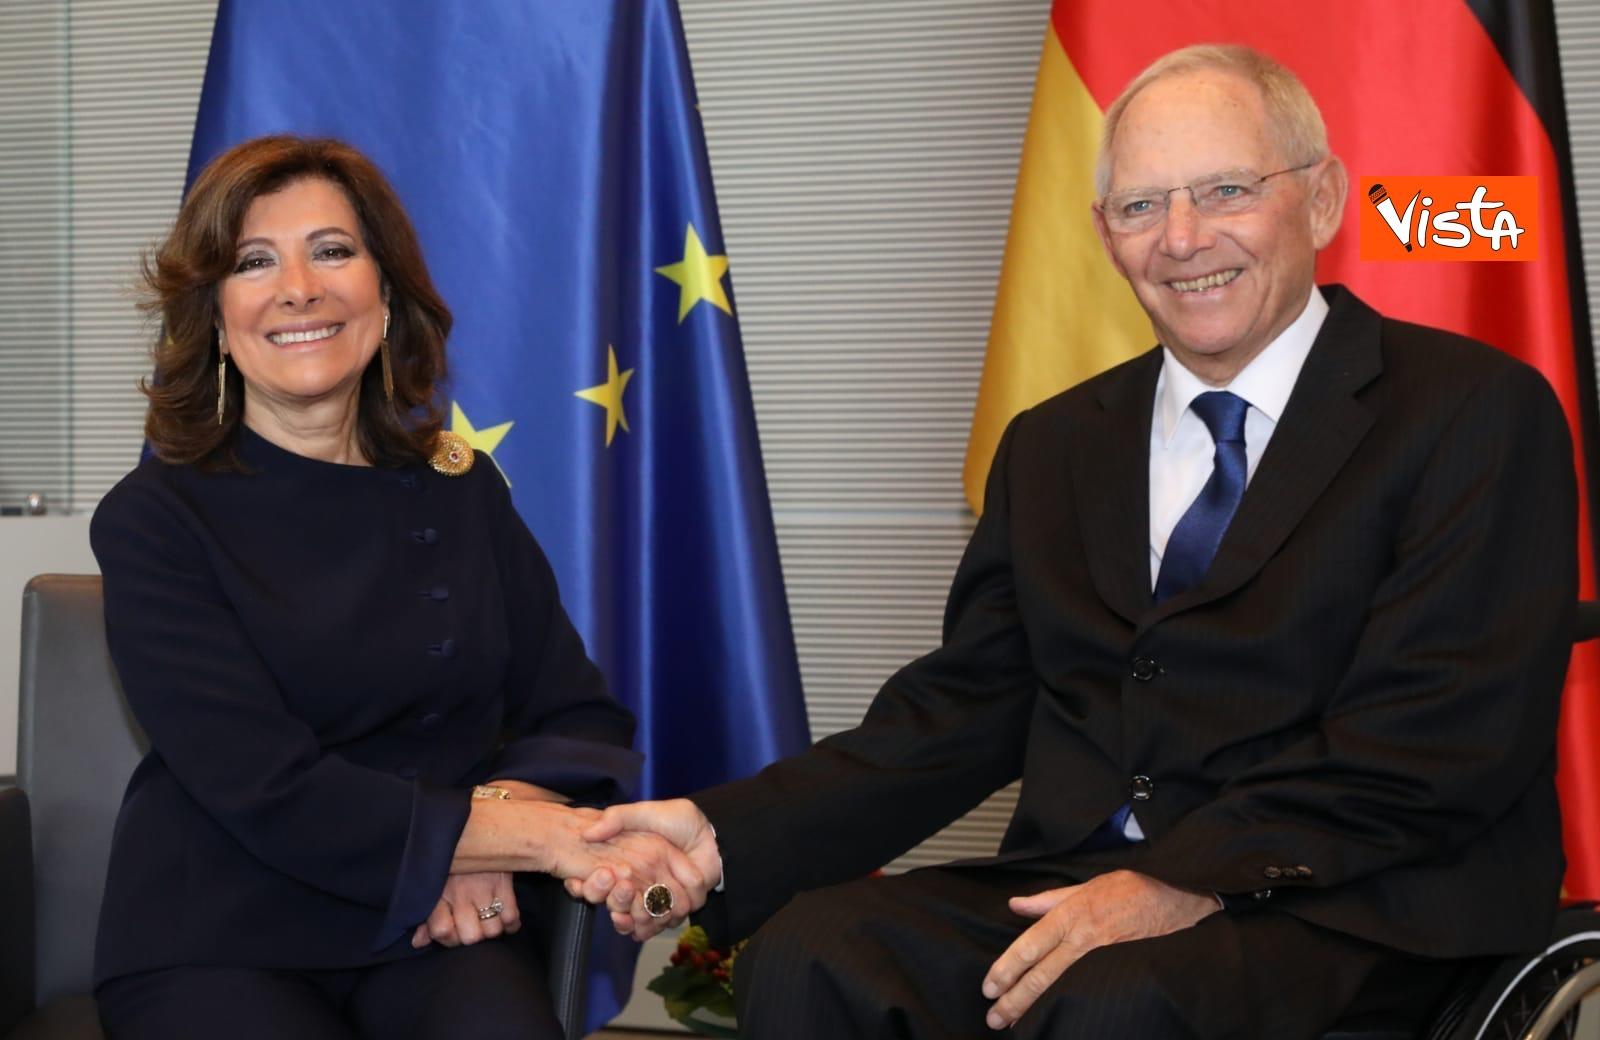 Casellati incontra il presidente del Bundestag Schauble a Berlino_04